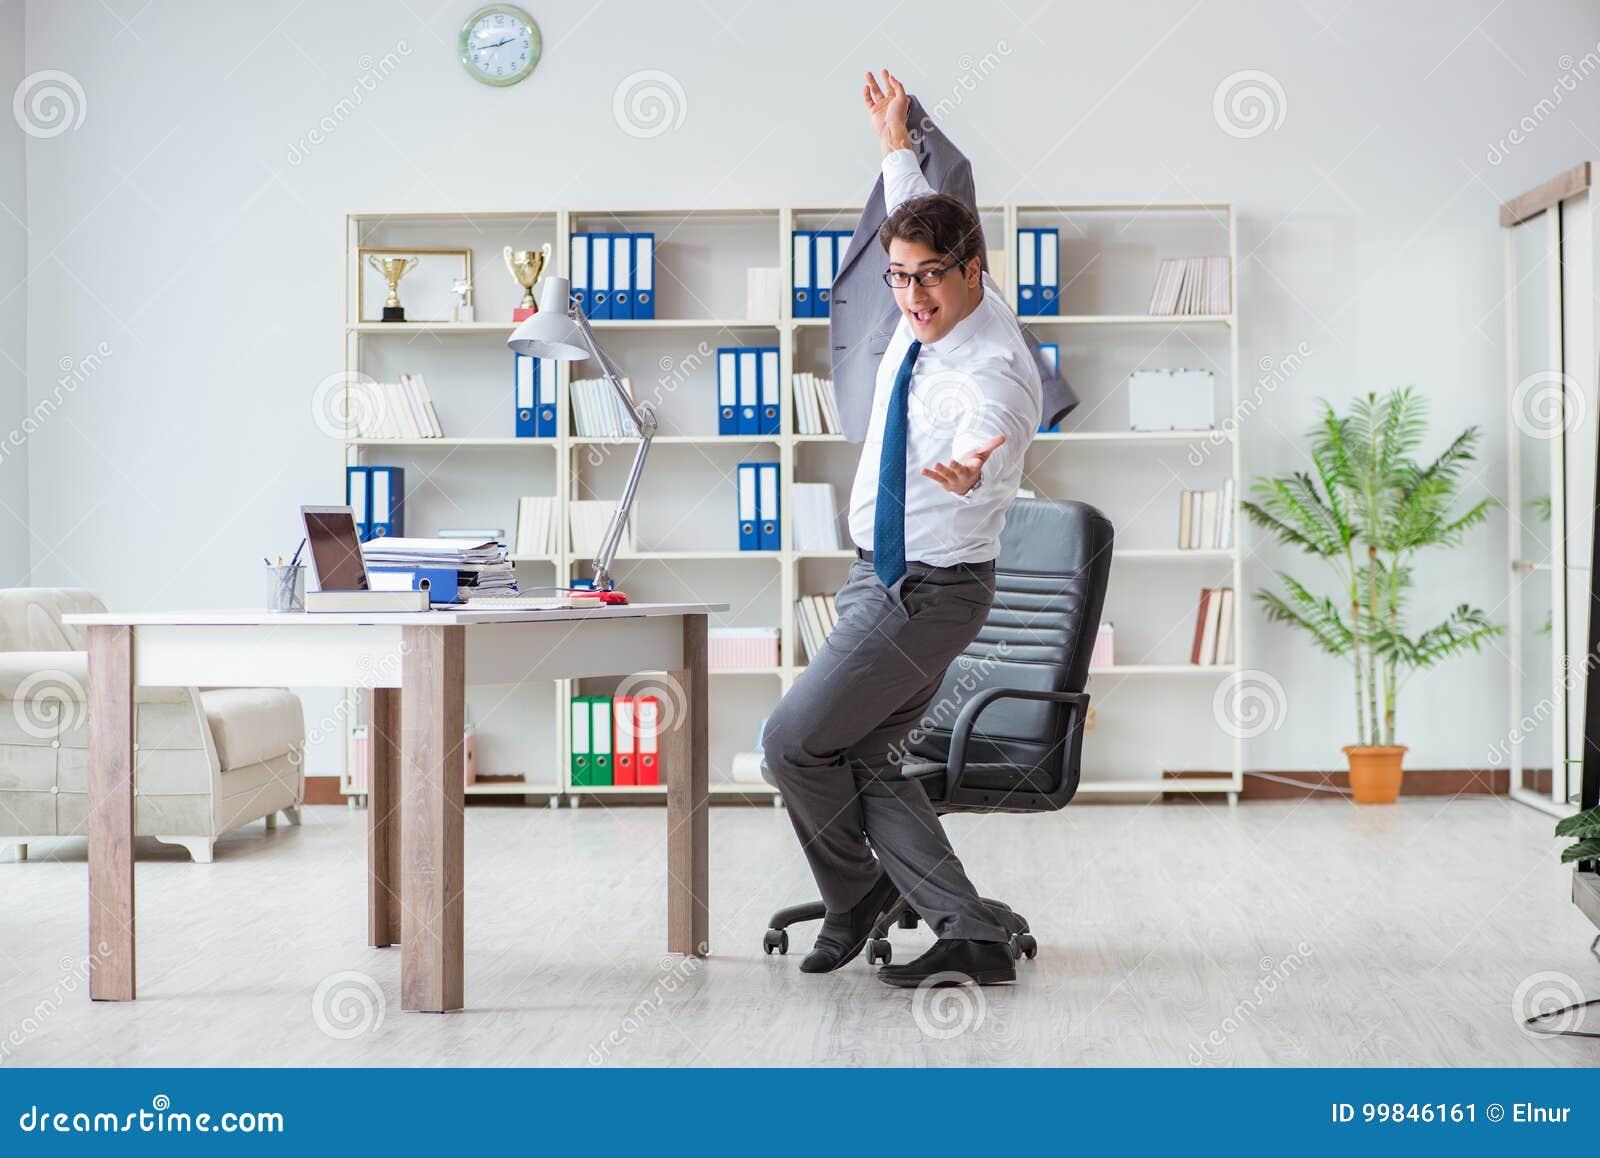 Der Geschäftsmann, der den Spaß macht eine Pause im Büro bei der Arbeit hat